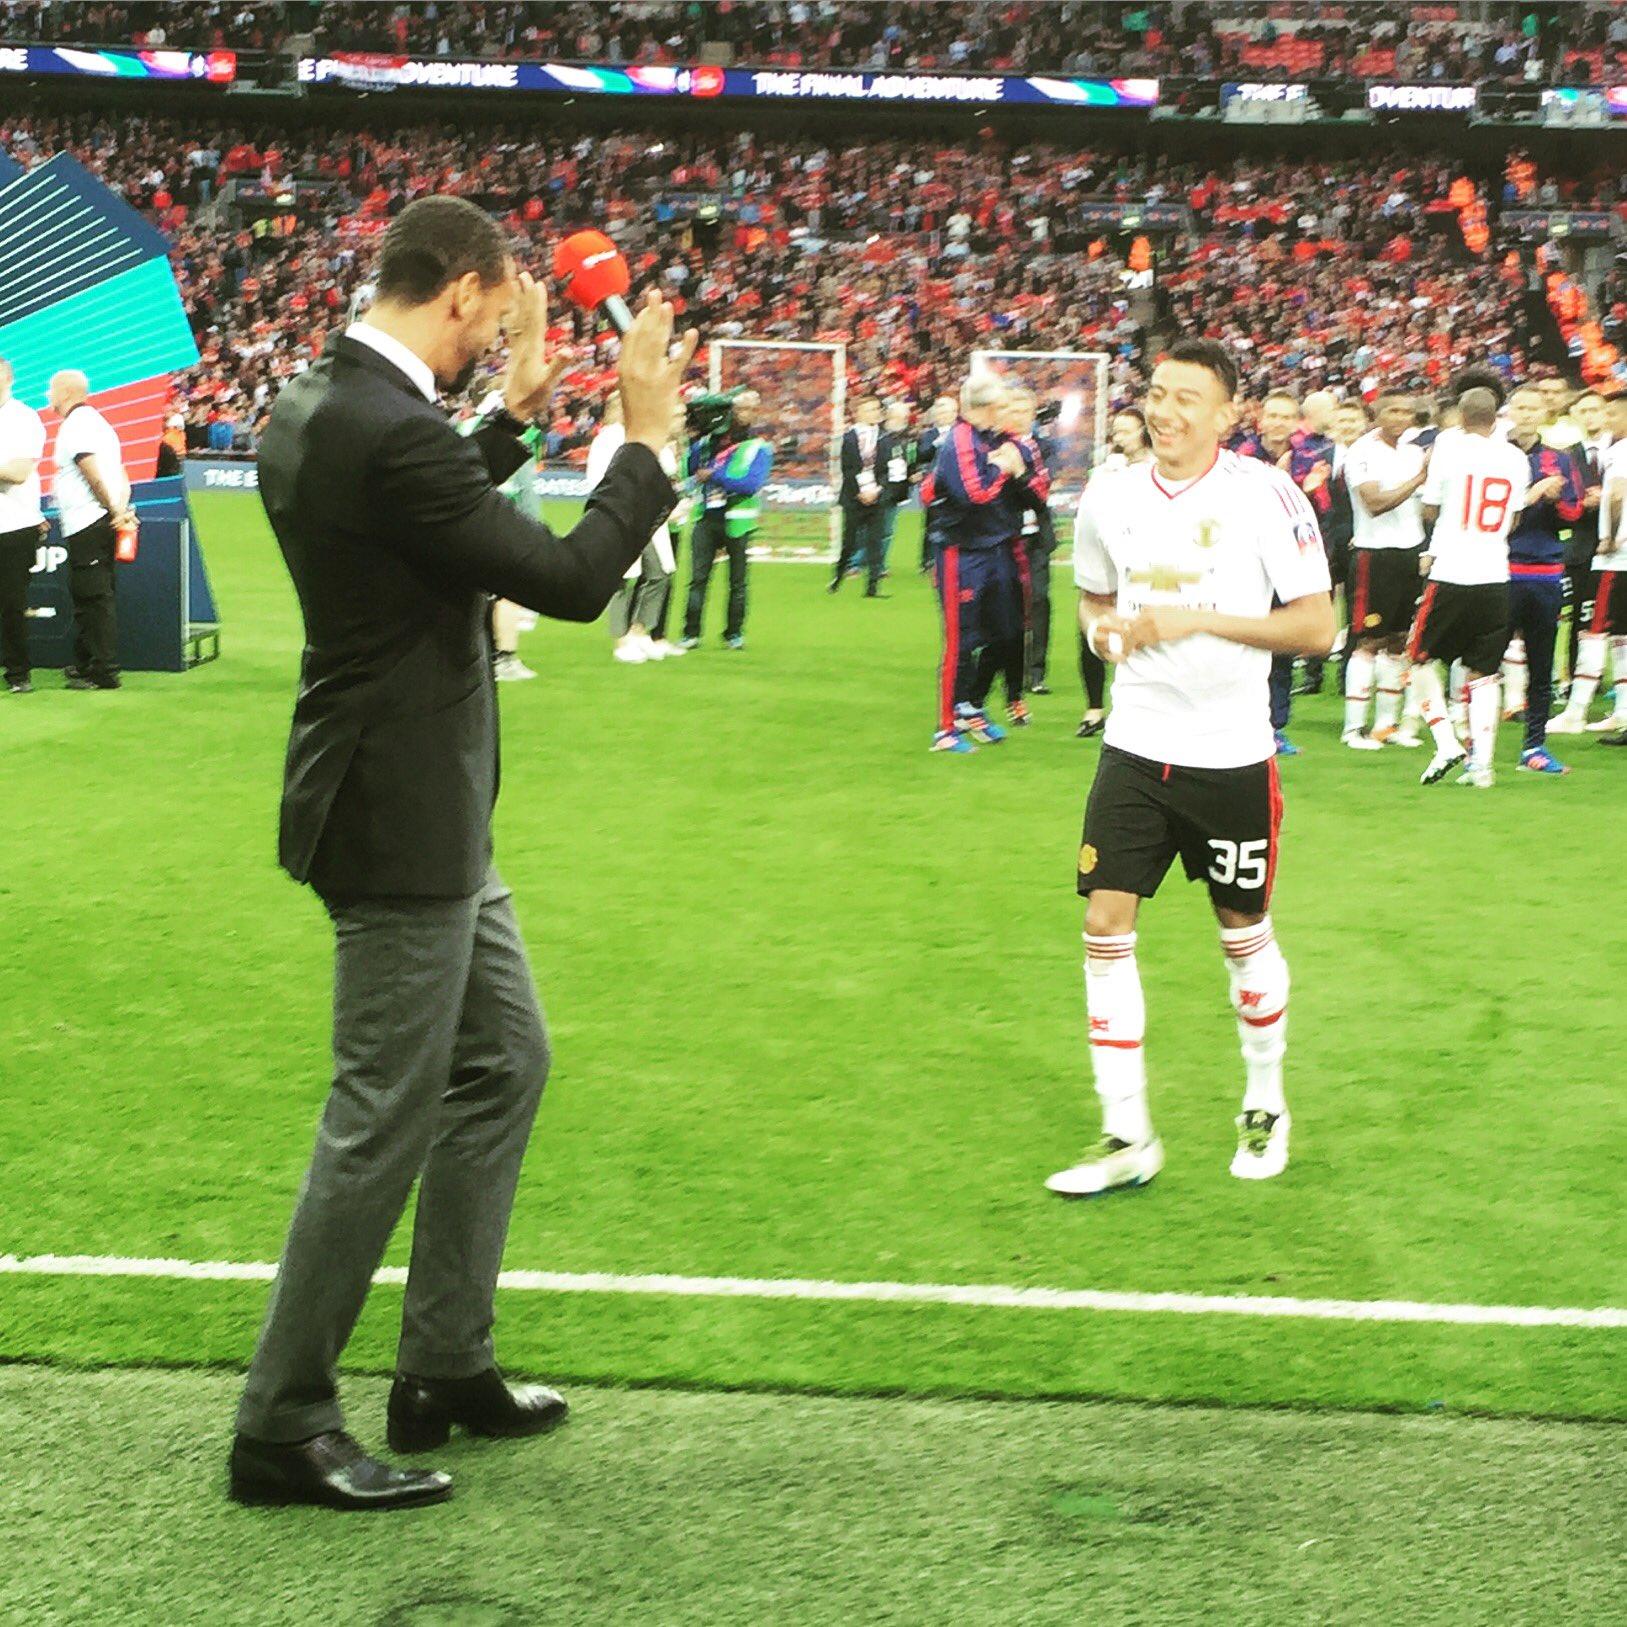 Match winner... Joke of a finish! #MUFC 🏆 https://t.co/SbzQv59NU7